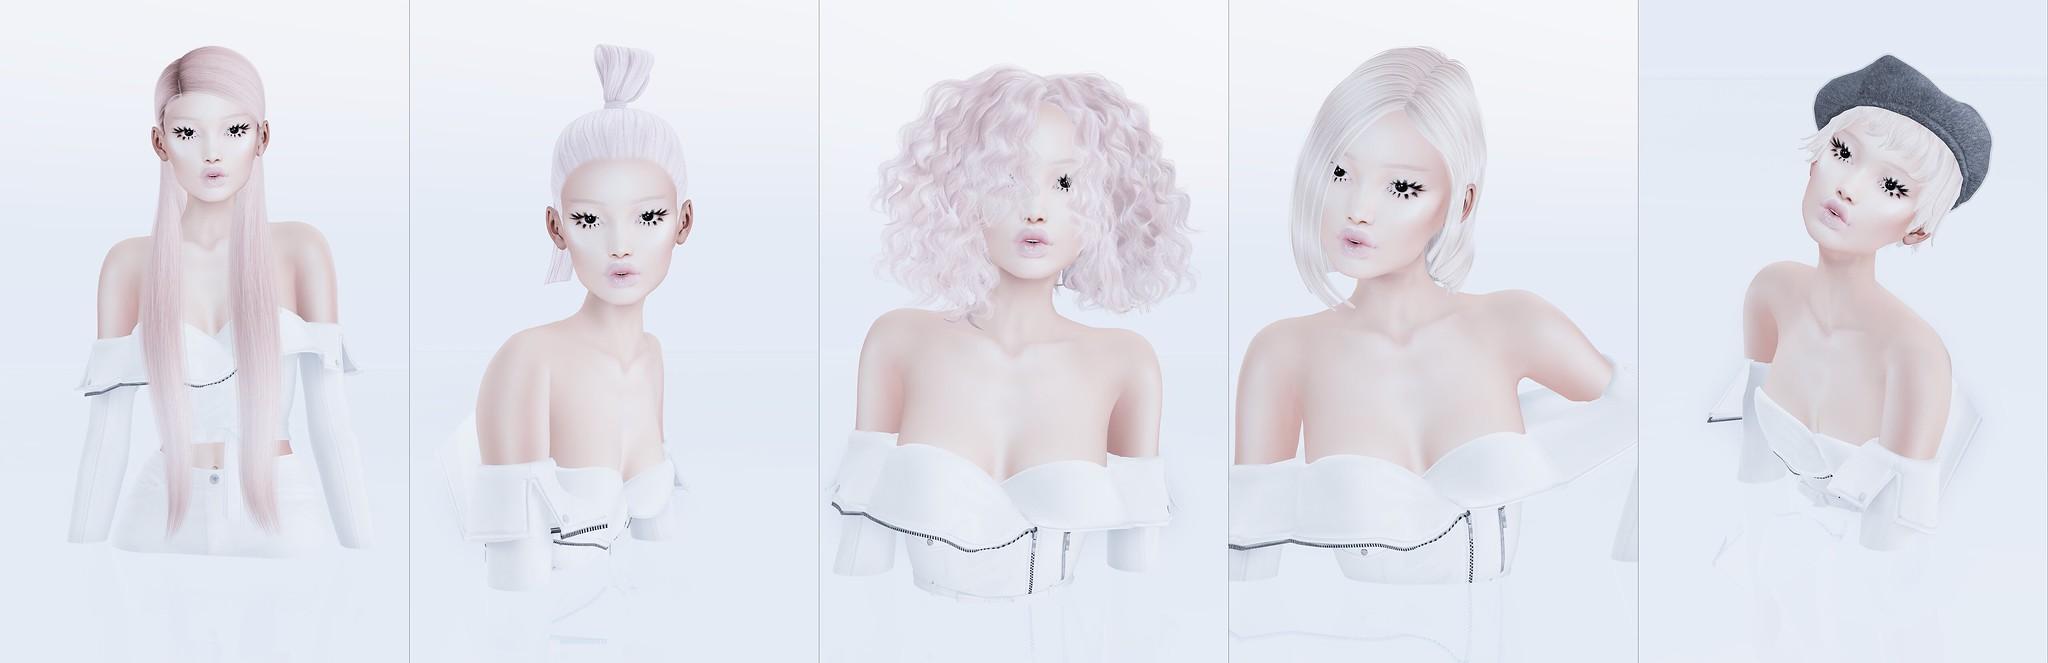 HAIR FAIR 2